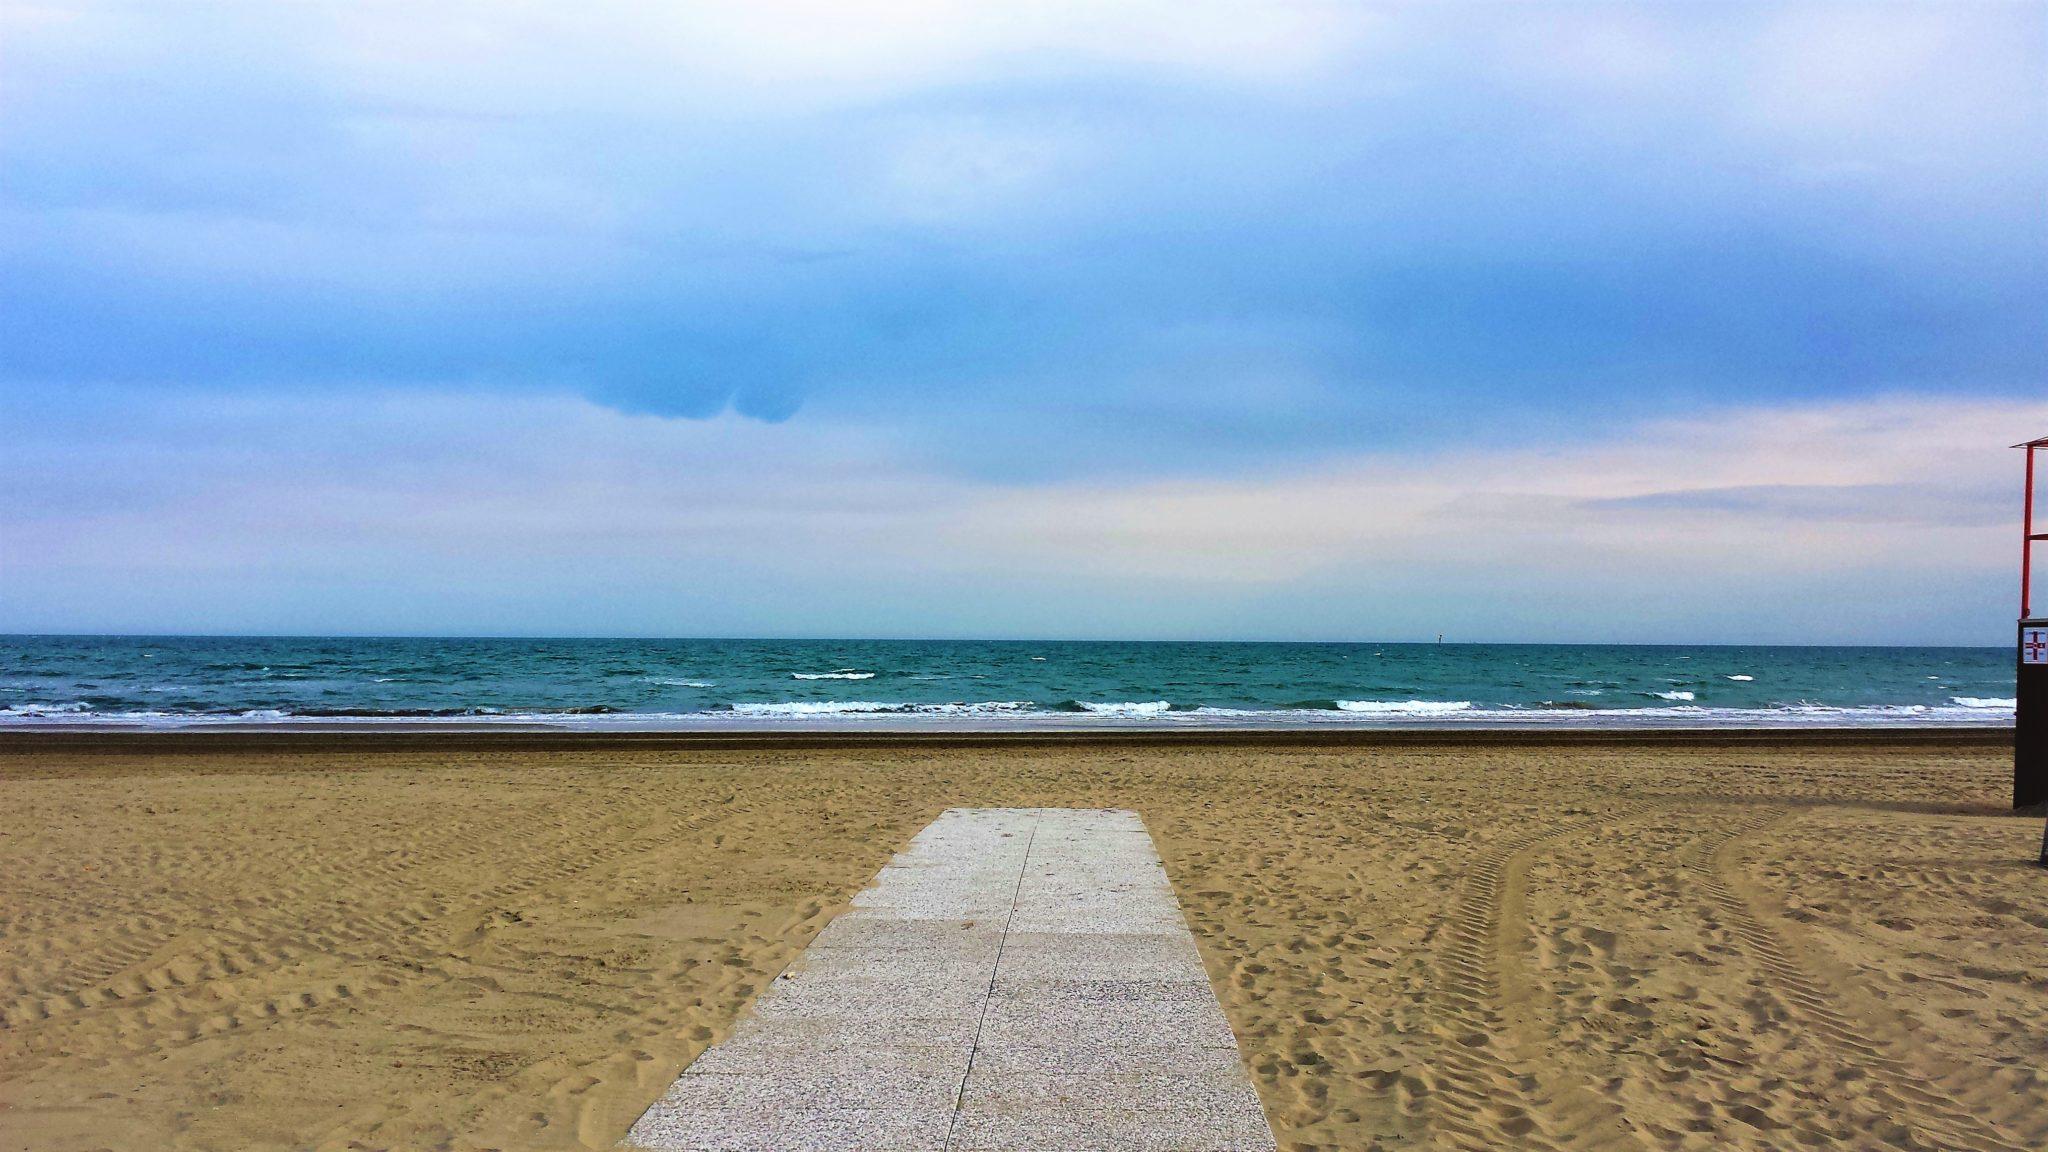 Beach at Marina Di Venezia, Punta Sabbioni, Italy